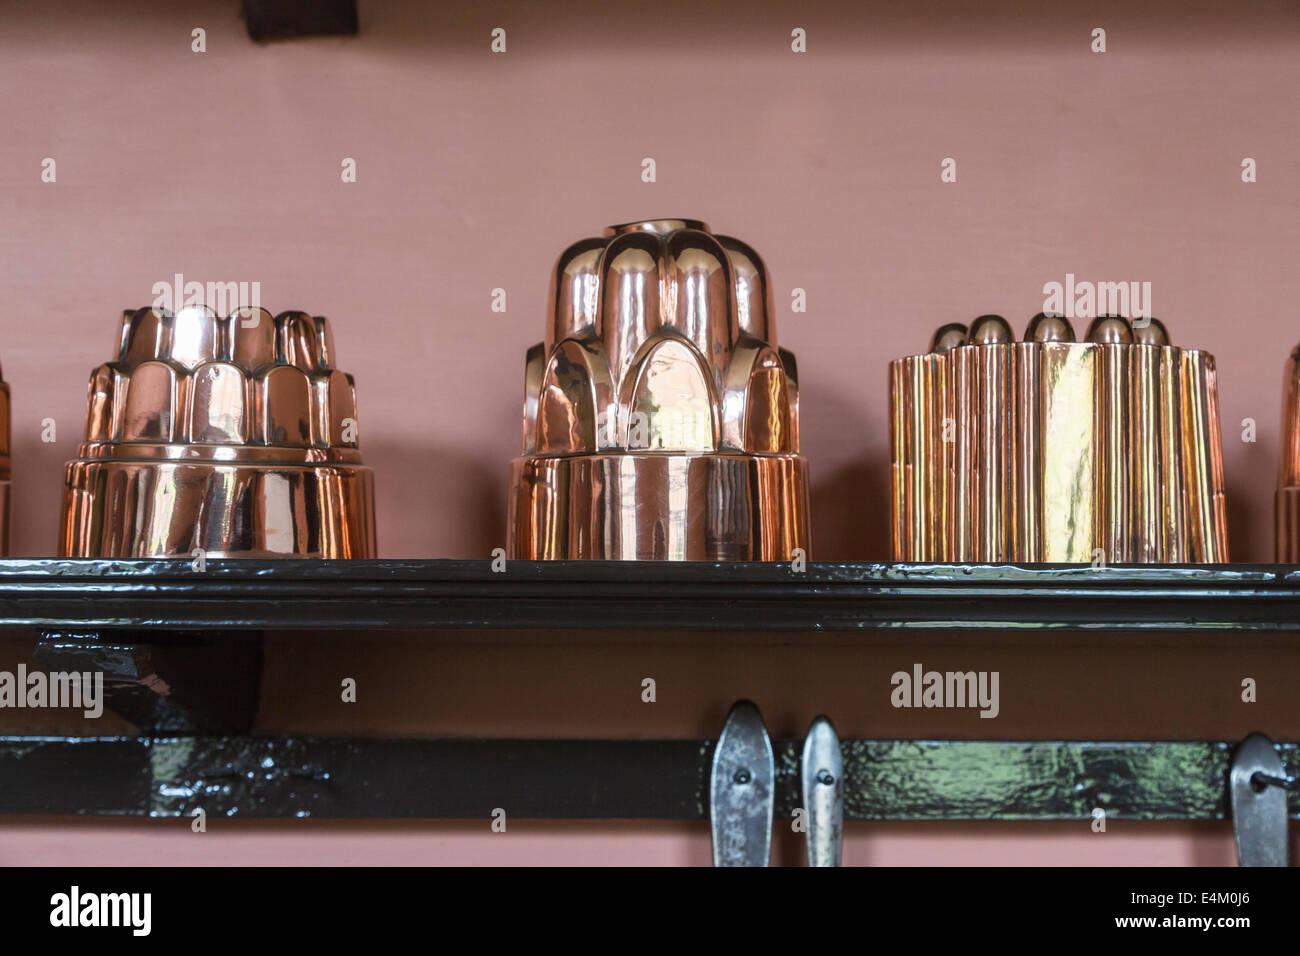 Shiny Copper Jelly Moulds On A Shelf At Felbrigg Hall Norfolk Uk